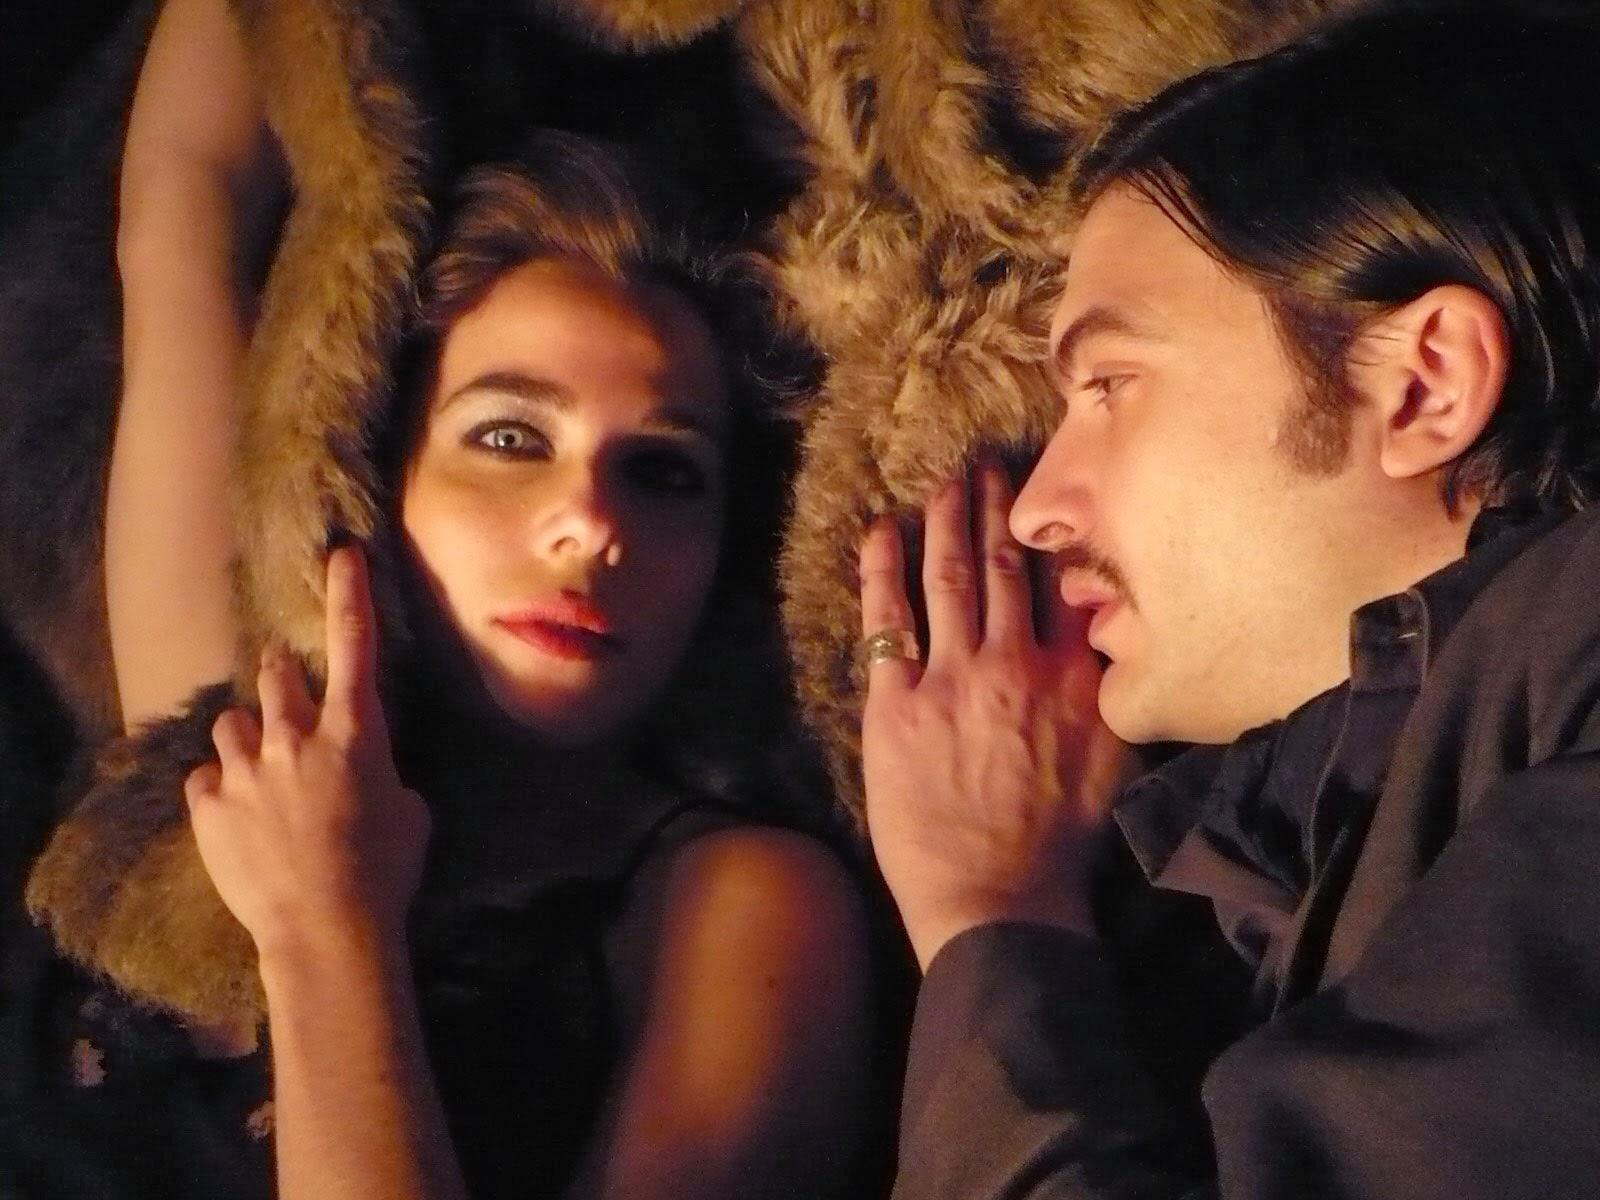 Ver Película La venus de las pieles online en español gratis